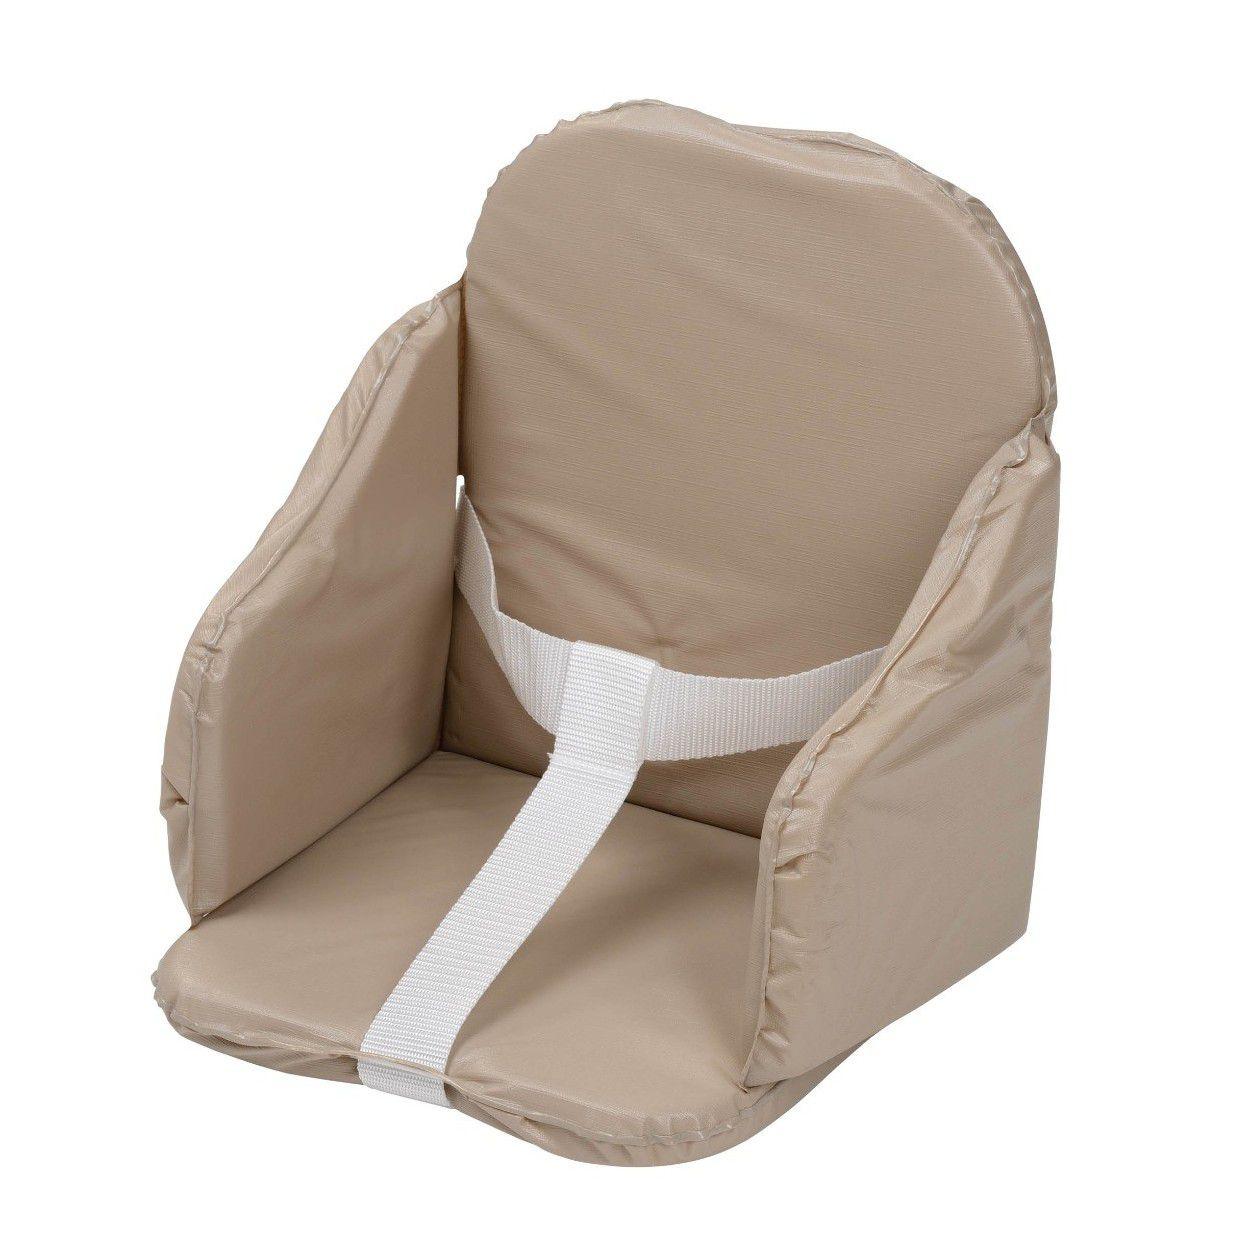 Sangles pour maintenir bébé- Confortable - Intérieur mousse - Extérieur PVC facile à nettoyerCHAISE HAUTE - COUSSIN CHAISE HAUTE - PLATEAU CHAISE